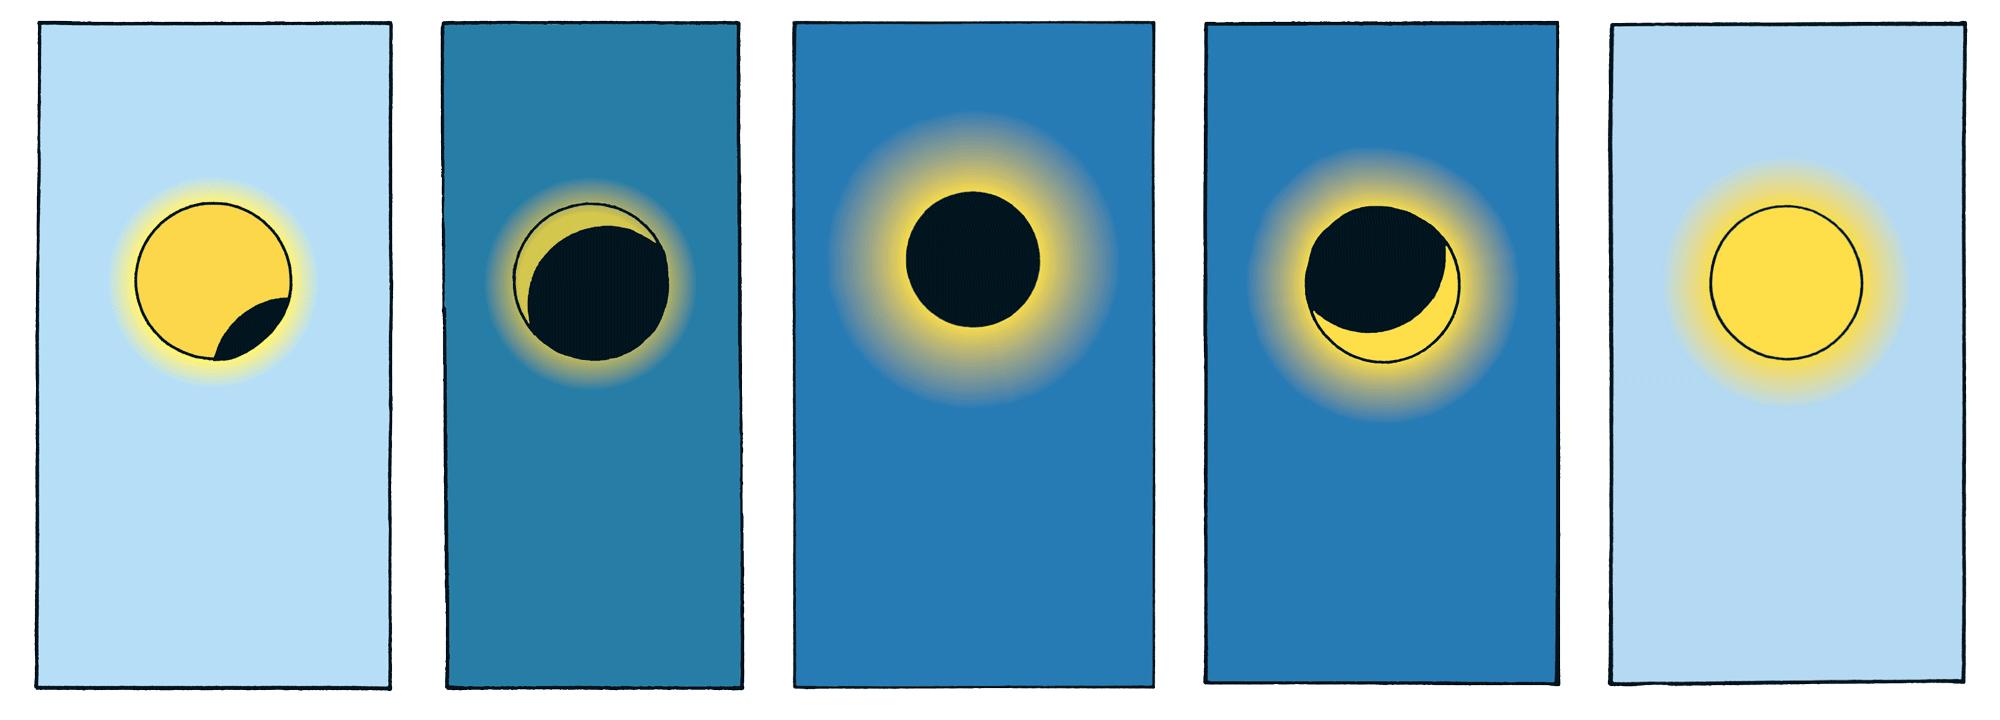 Tintin - Les Aventures de Tintin - Le Temple du Soleil - Eclipse